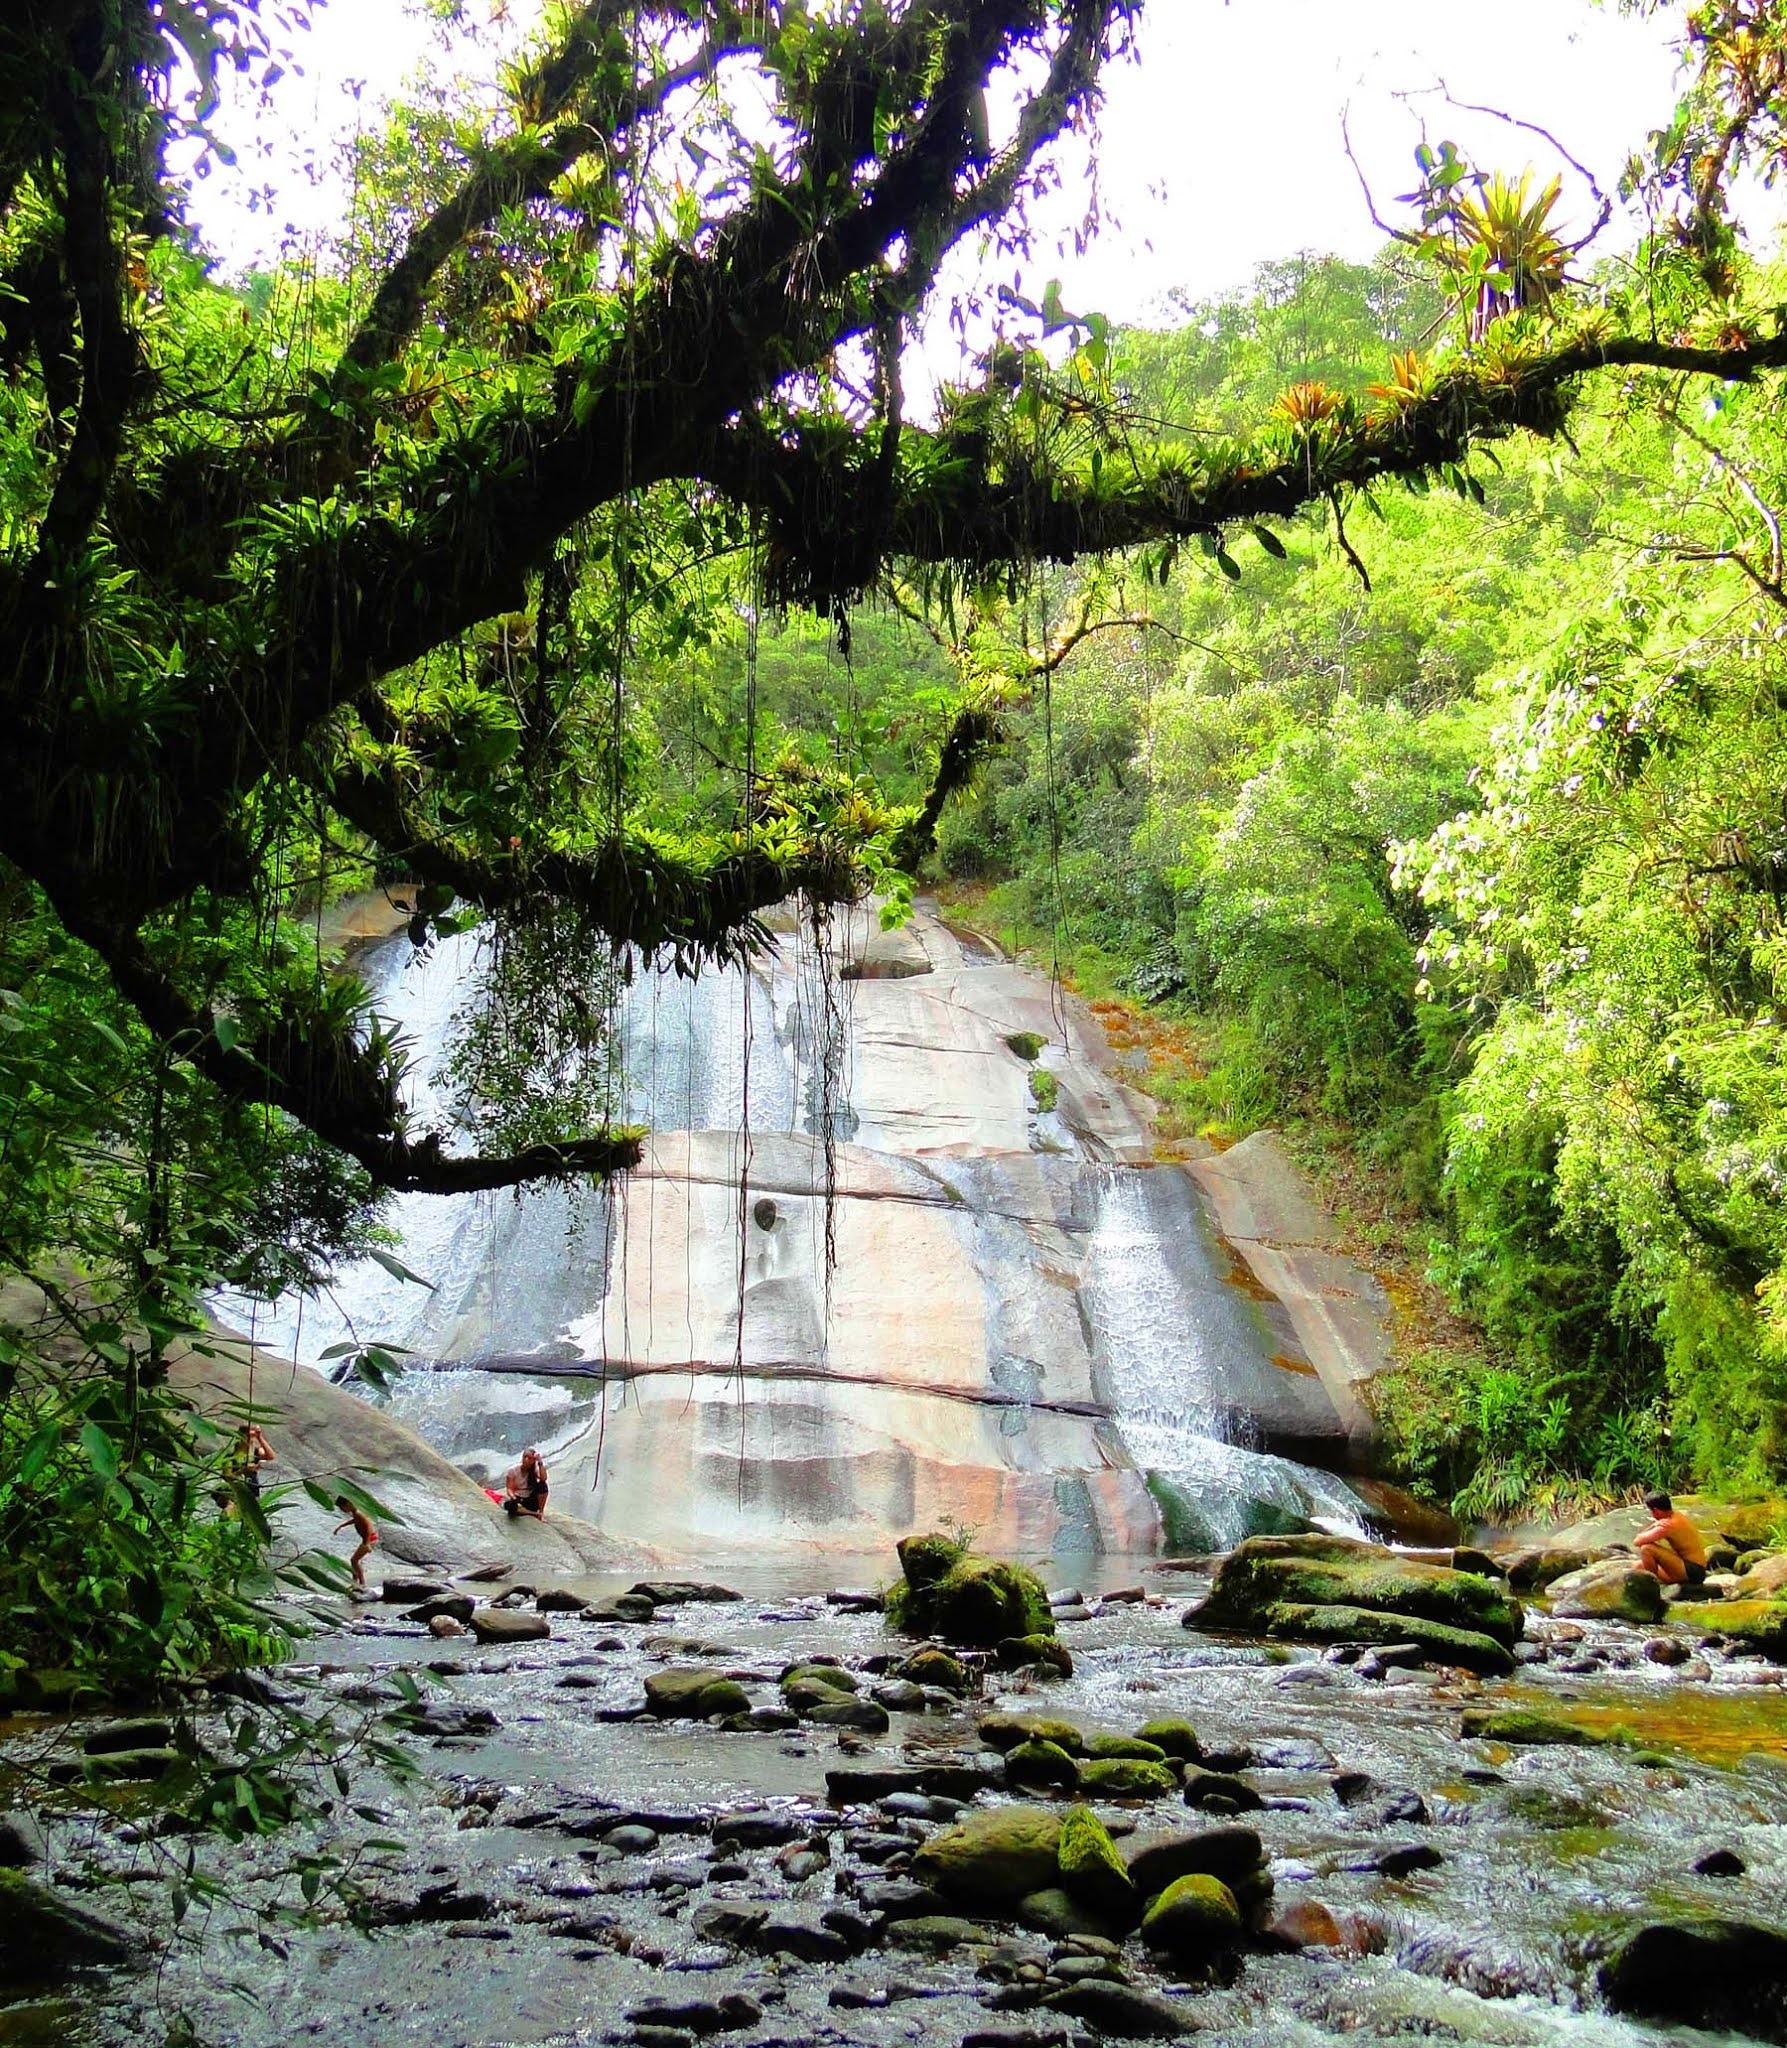 Cachoeira Santa Clara, Visconde de Mauá, RJ.